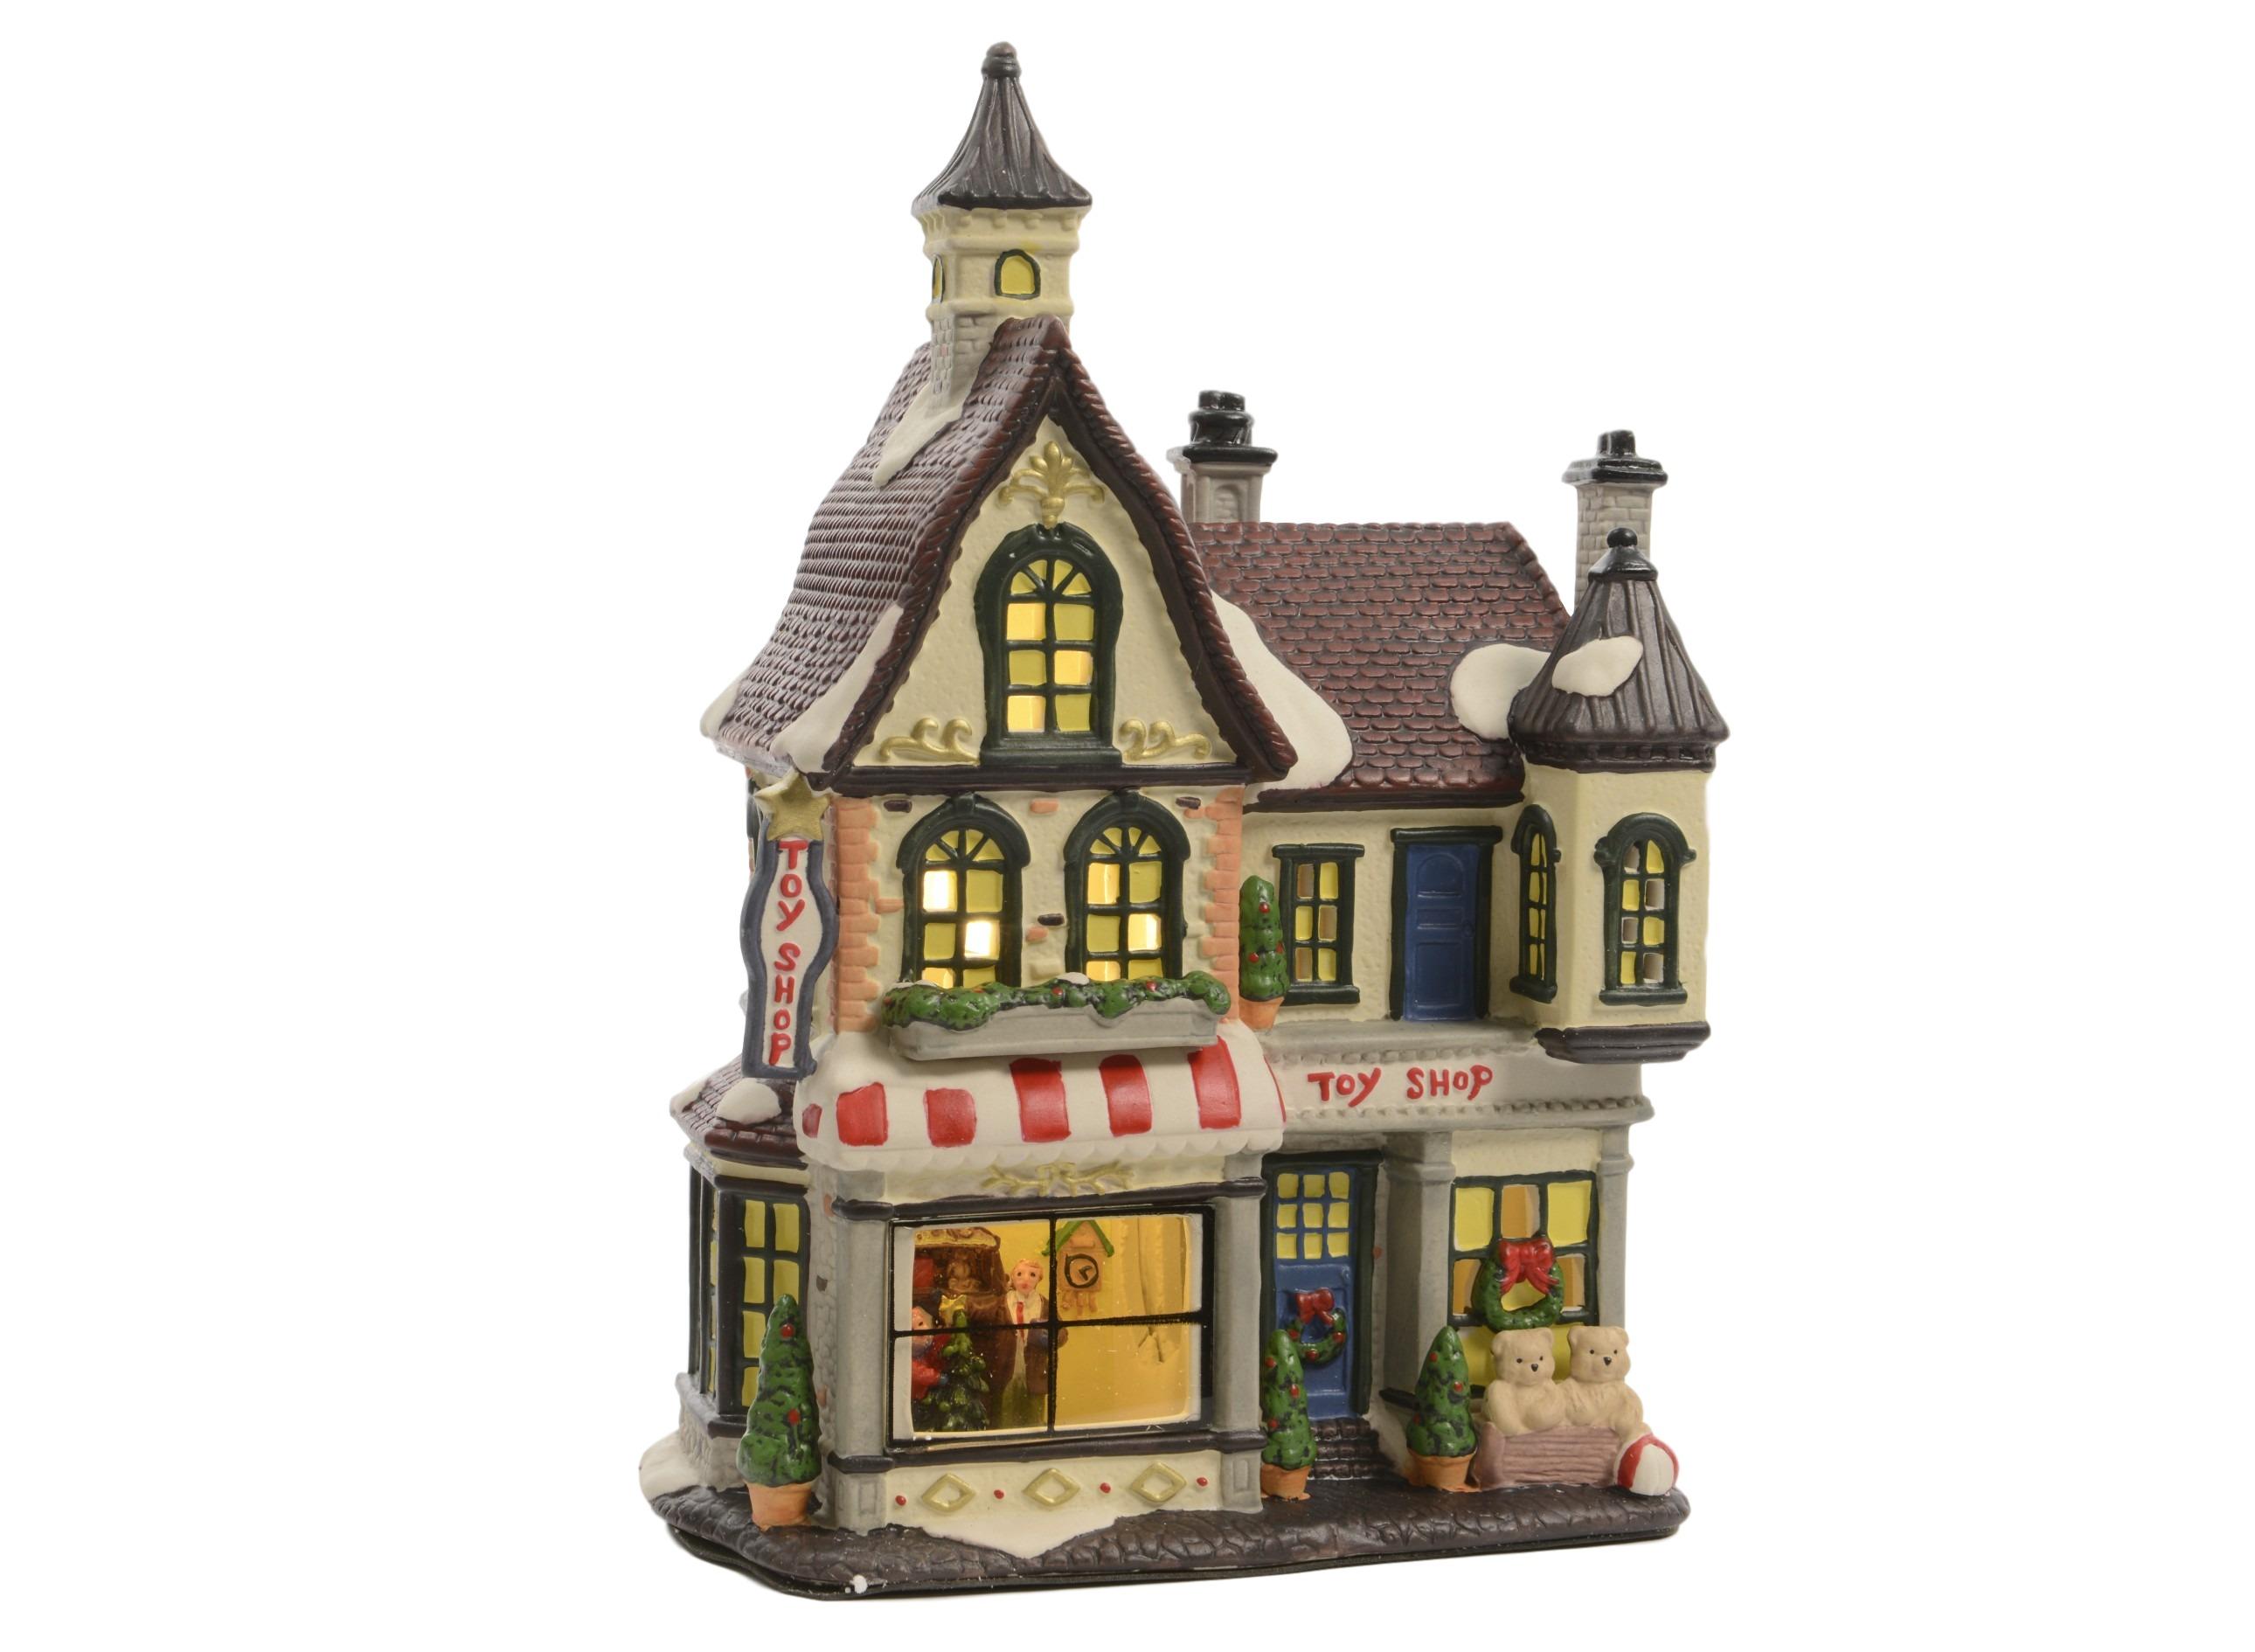 Домик Магазин игрушек светодиодныйНовогодний декор<br>батарейки в комплект не входят<br><br>Material: Полистоун<br>Width см: 20<br>Depth см: 12<br>Height см: 27